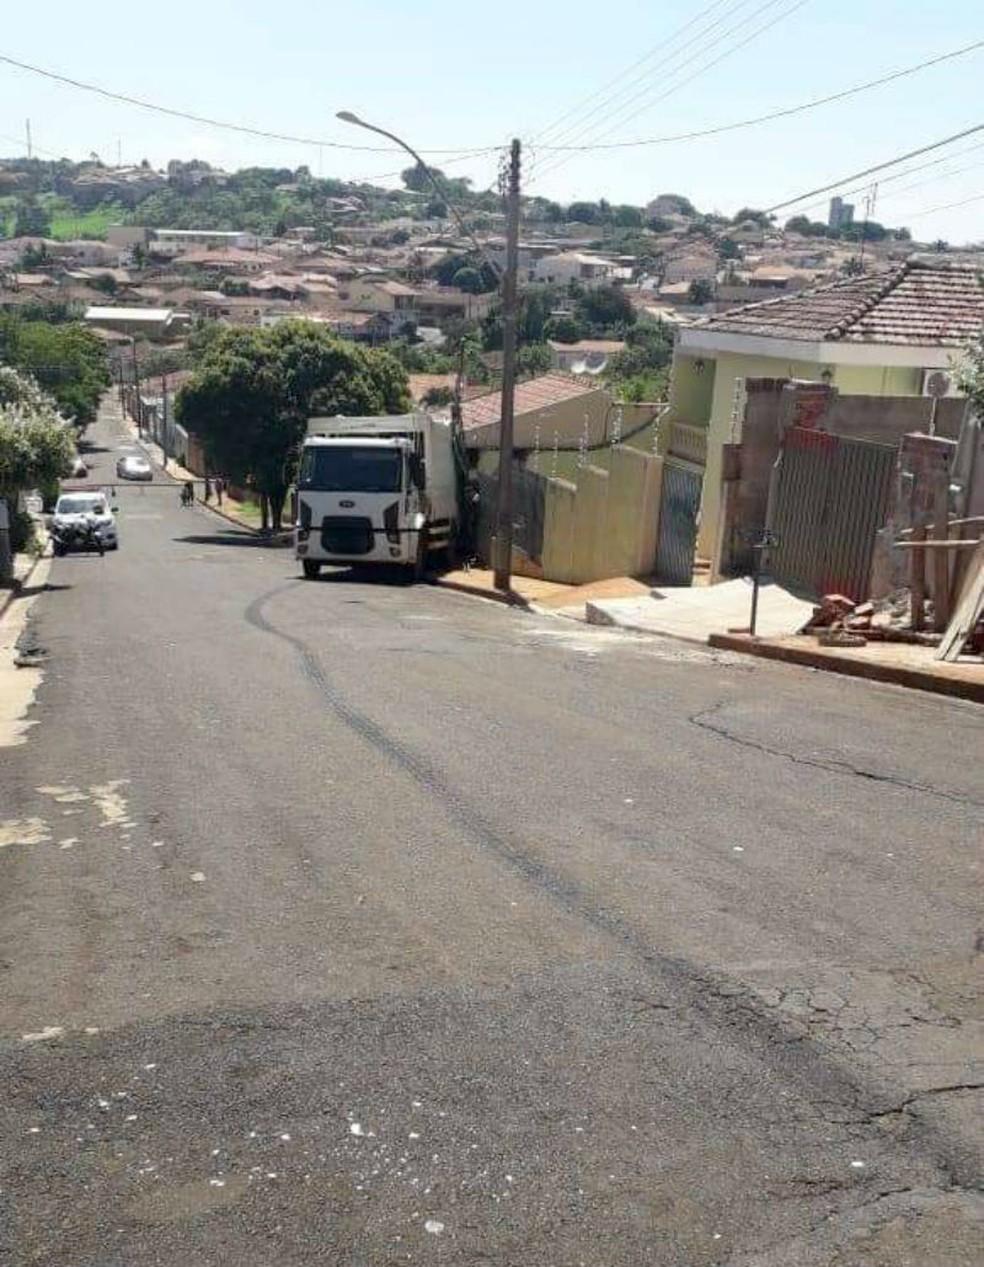 Rua onde aconteceu o acidente é bastante inclinada e motorista afirmou não ter conseguido controlar o caminhão sem o freio — Foto: Arquivo pessoal